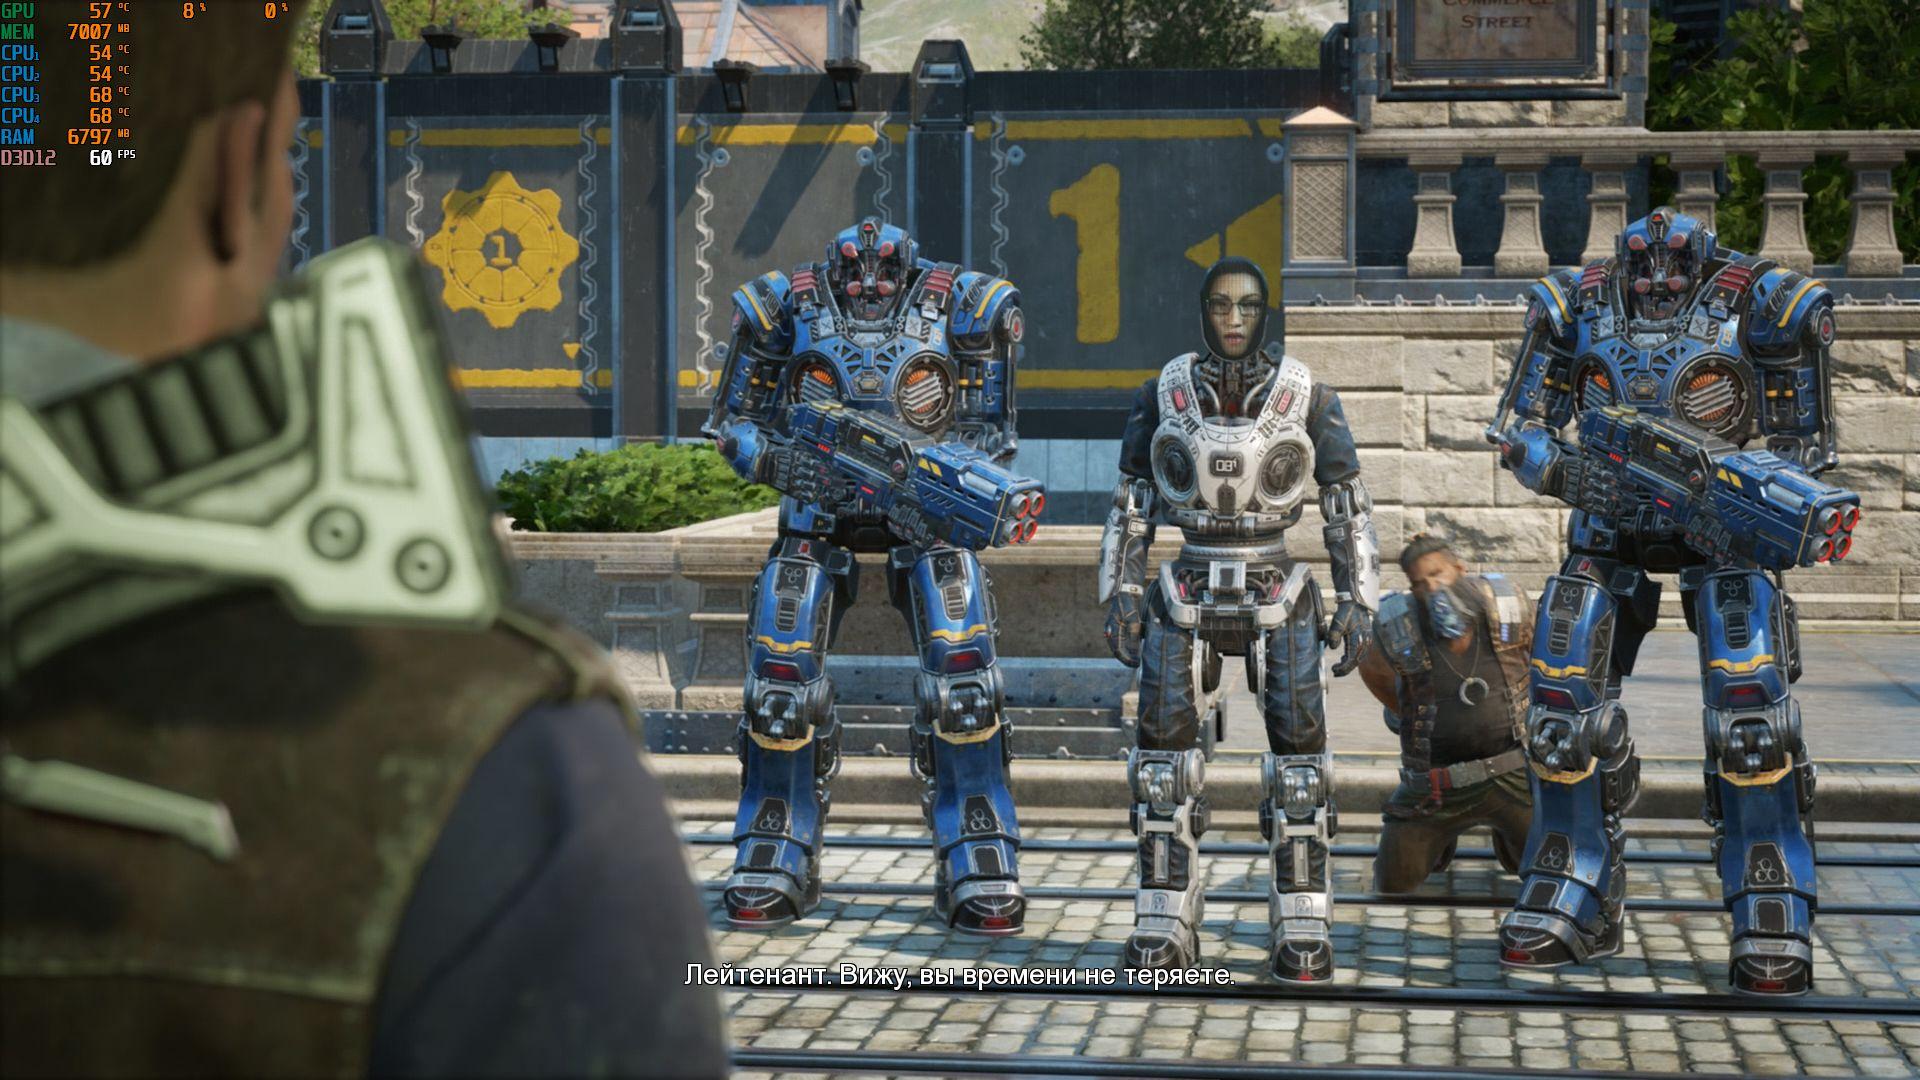 00018.Jpg - Gears of War 4